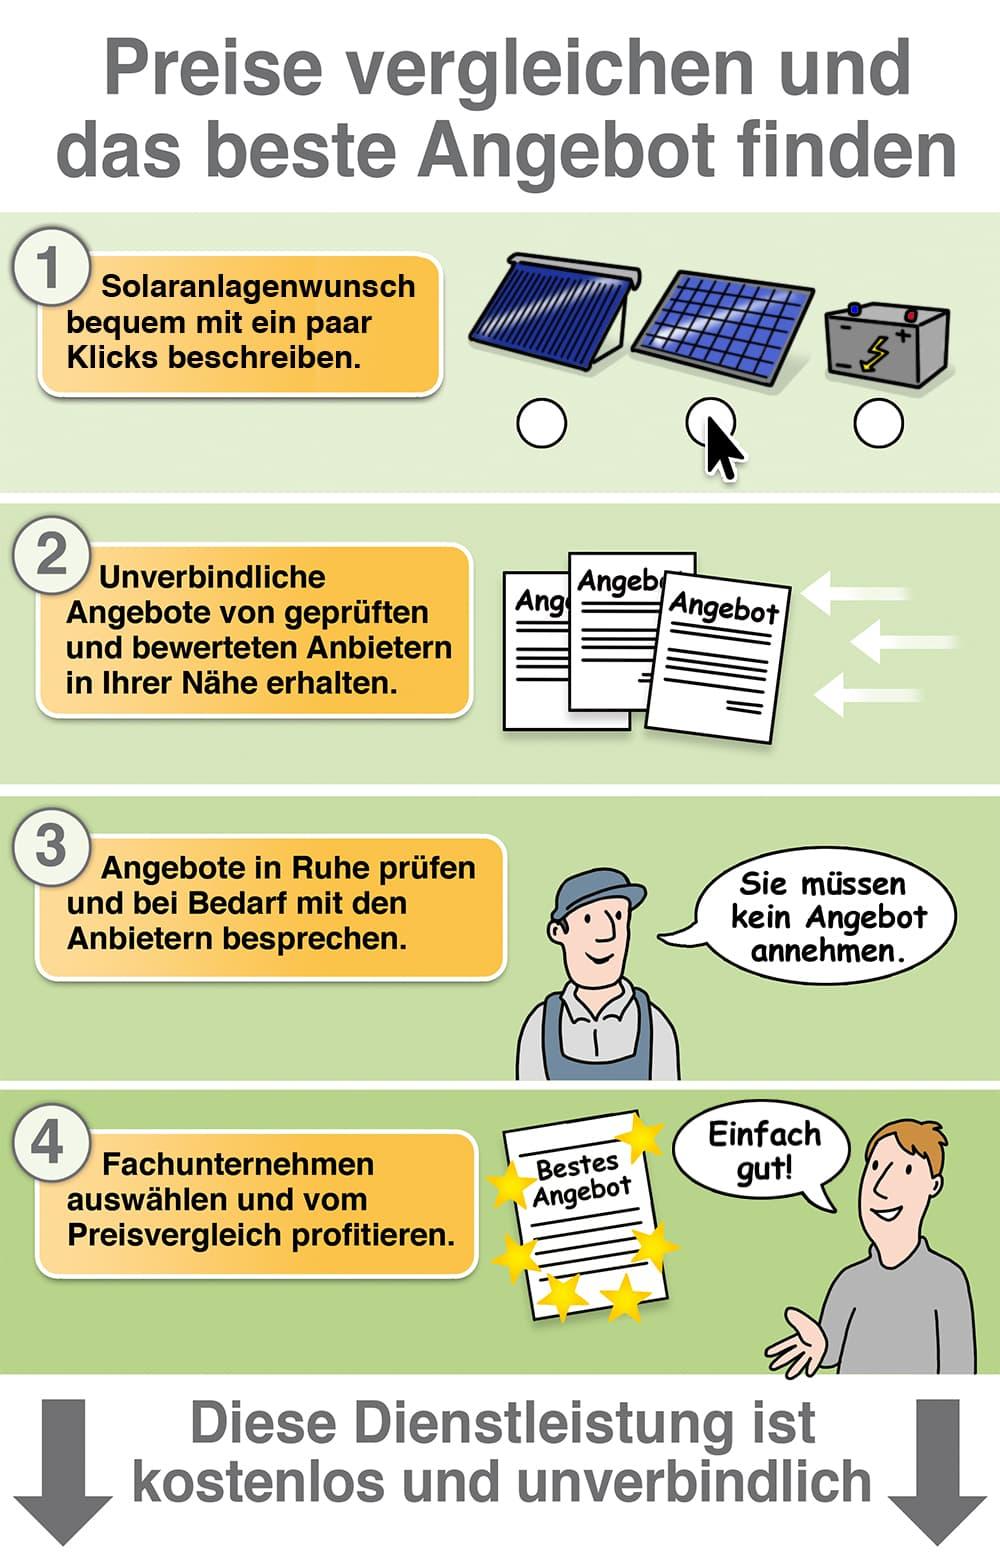 Solaranlage Angebote und Preise vergleichen